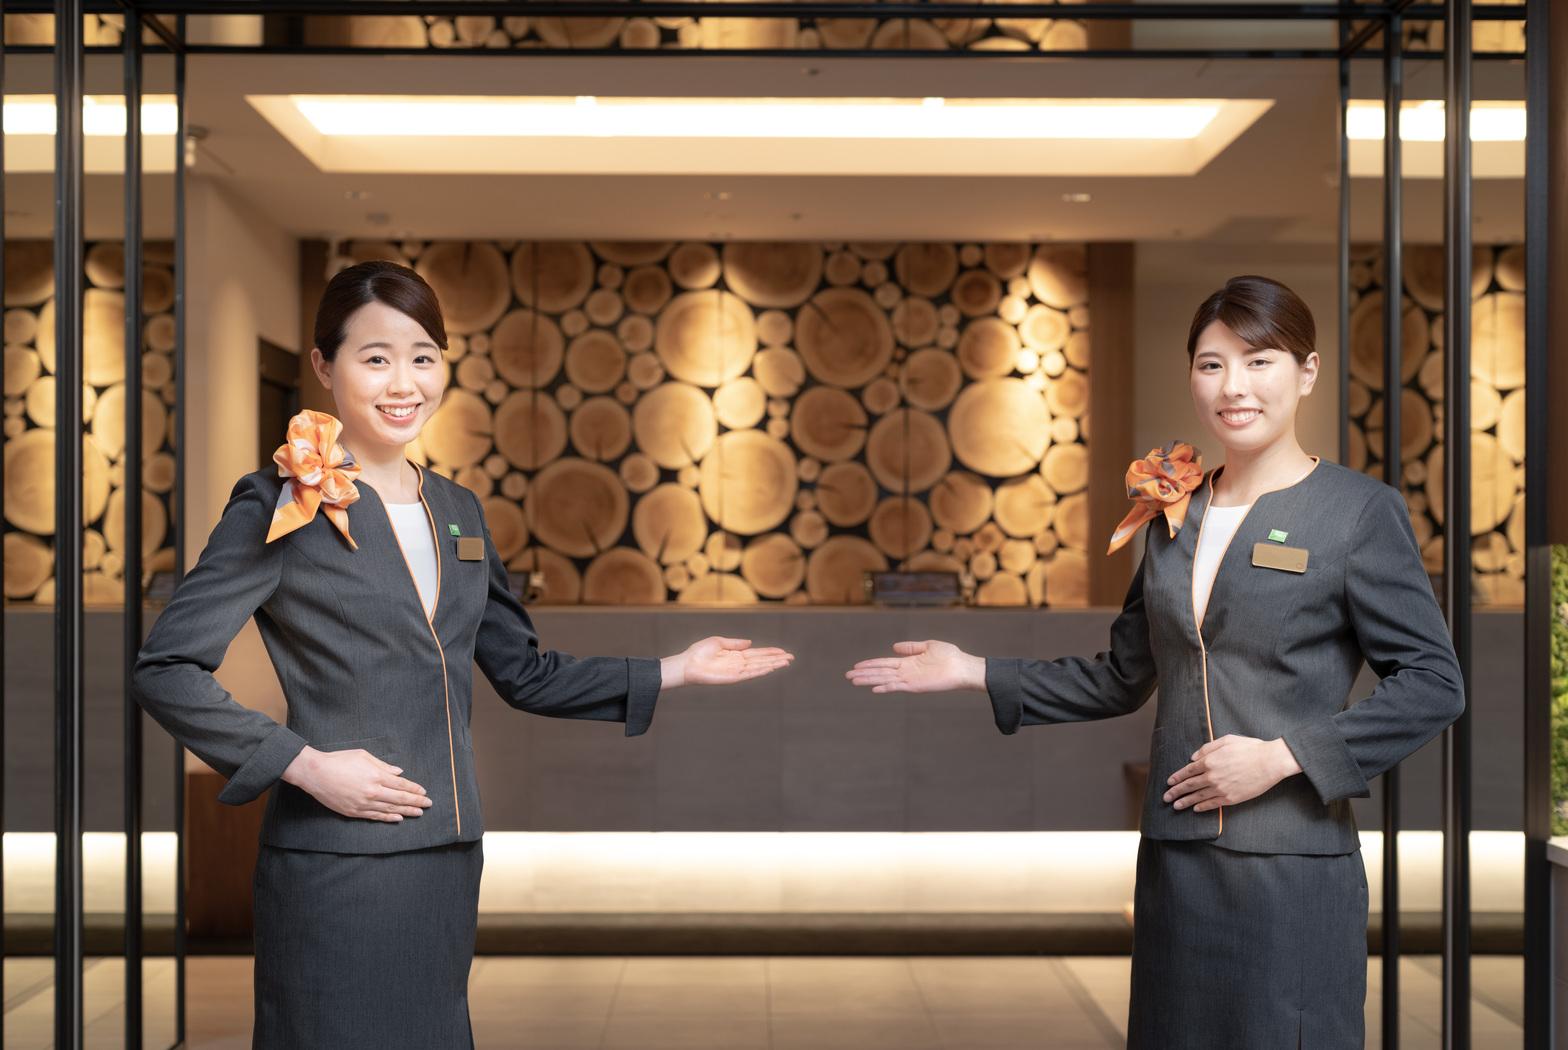 スーパーホテル浜松 天然温泉「浜松出世の湯」(2018年9月14日オープン) image